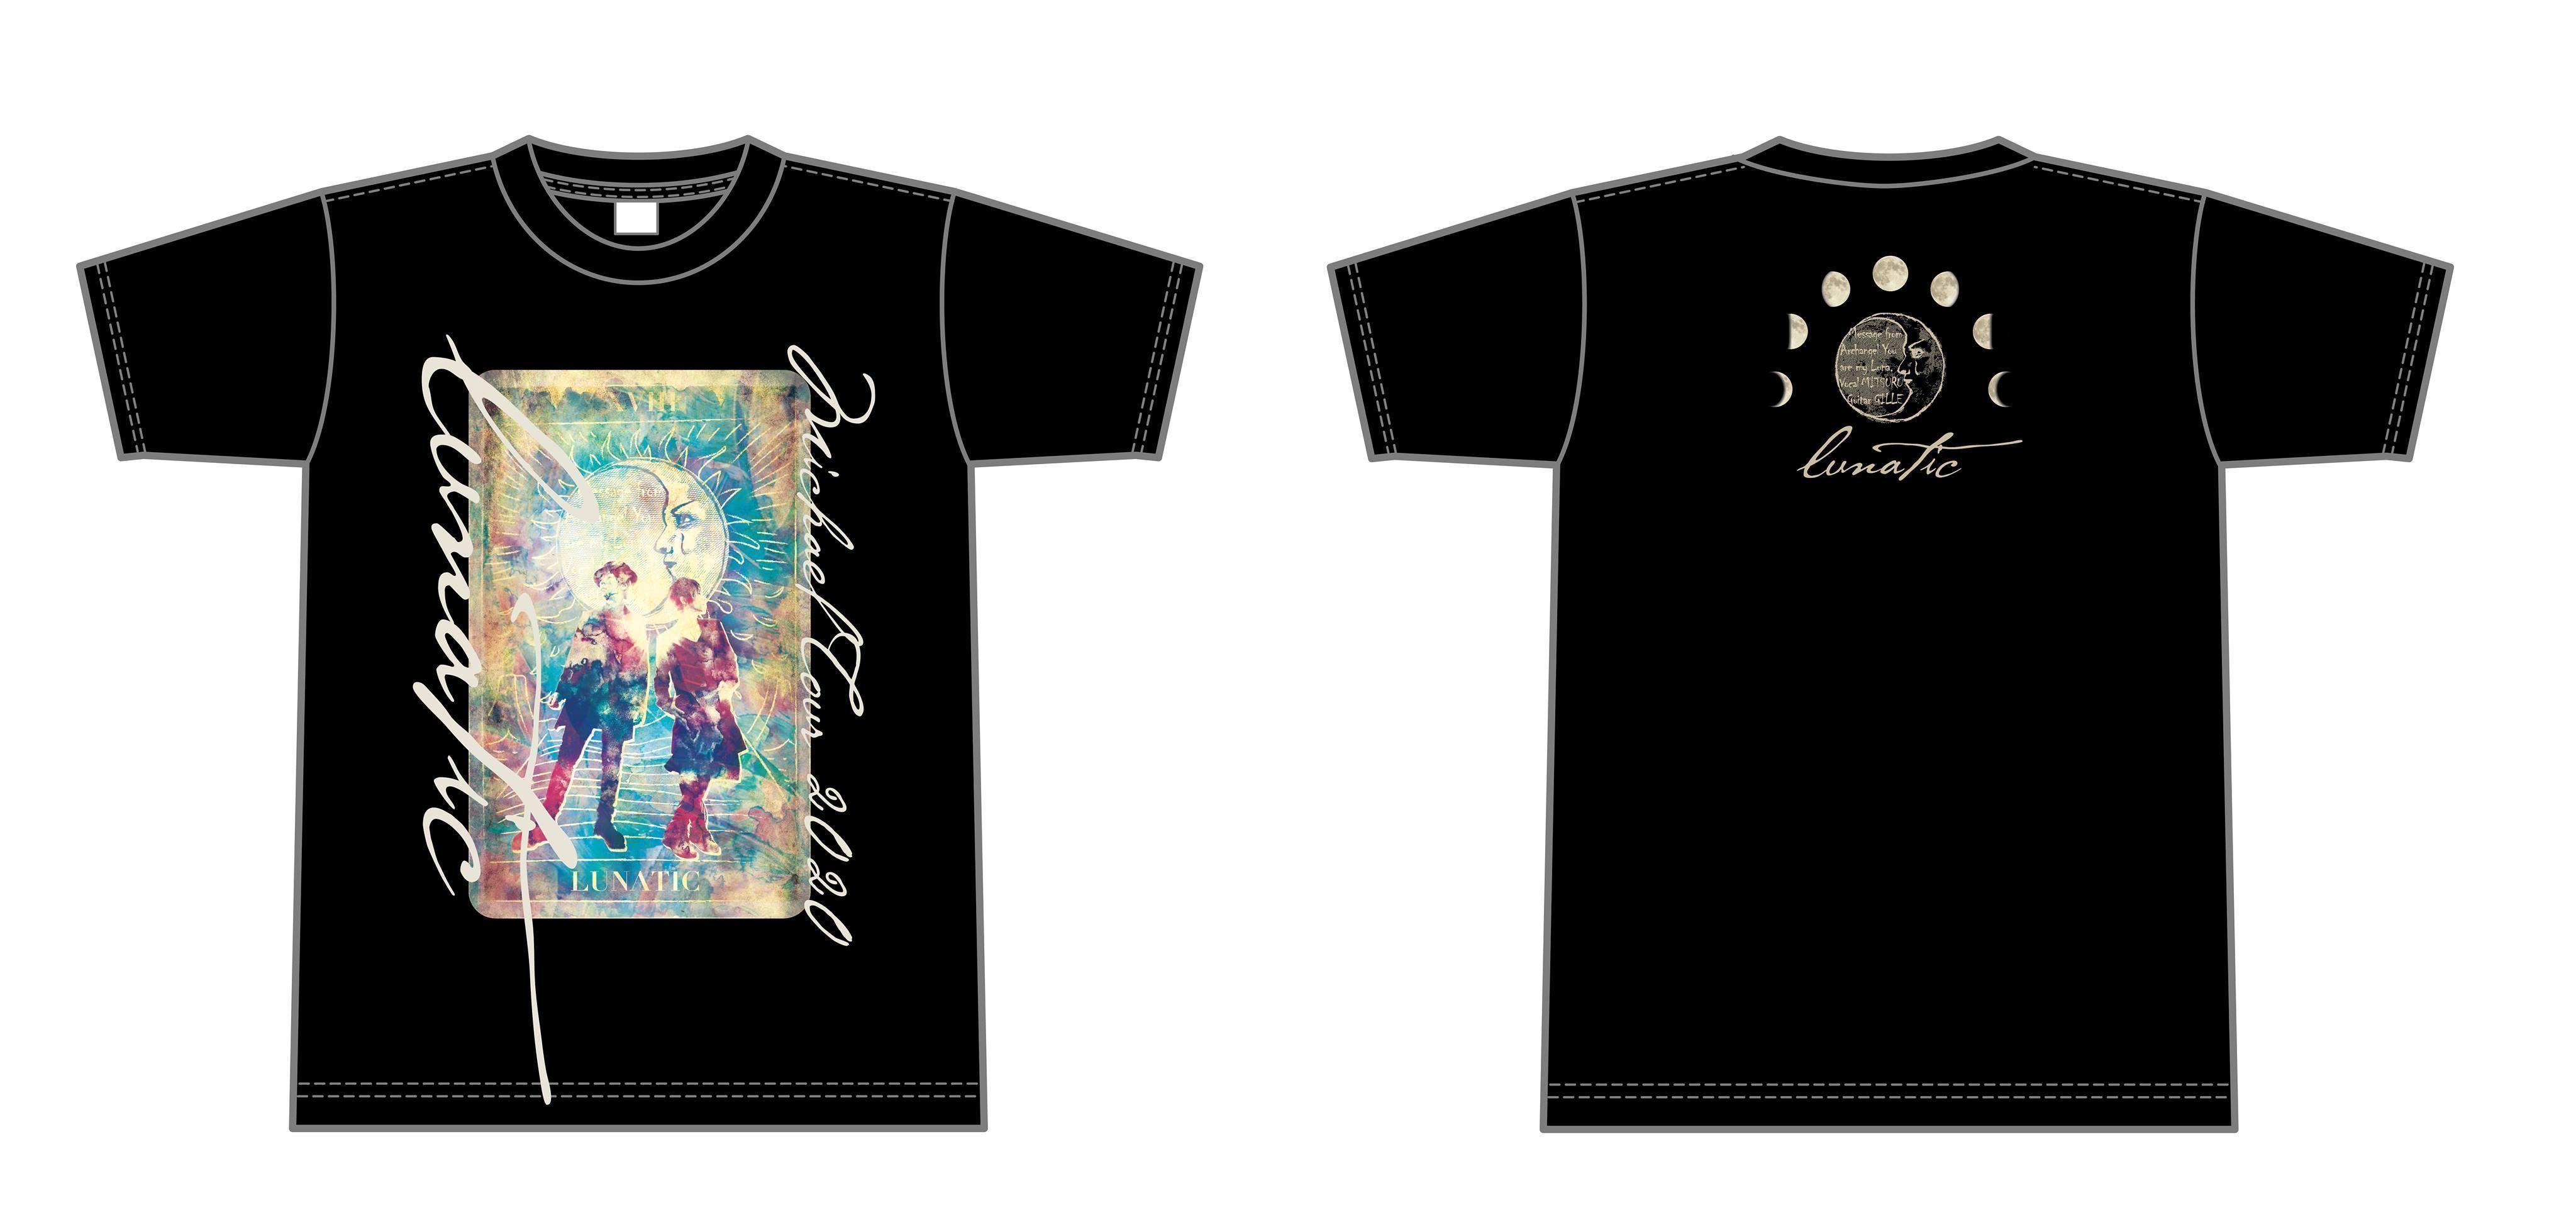 【MICHAEL TOUR 2020 Lunatic】松岡充プロデュース/コロナ対策セット/Lunatic ver.